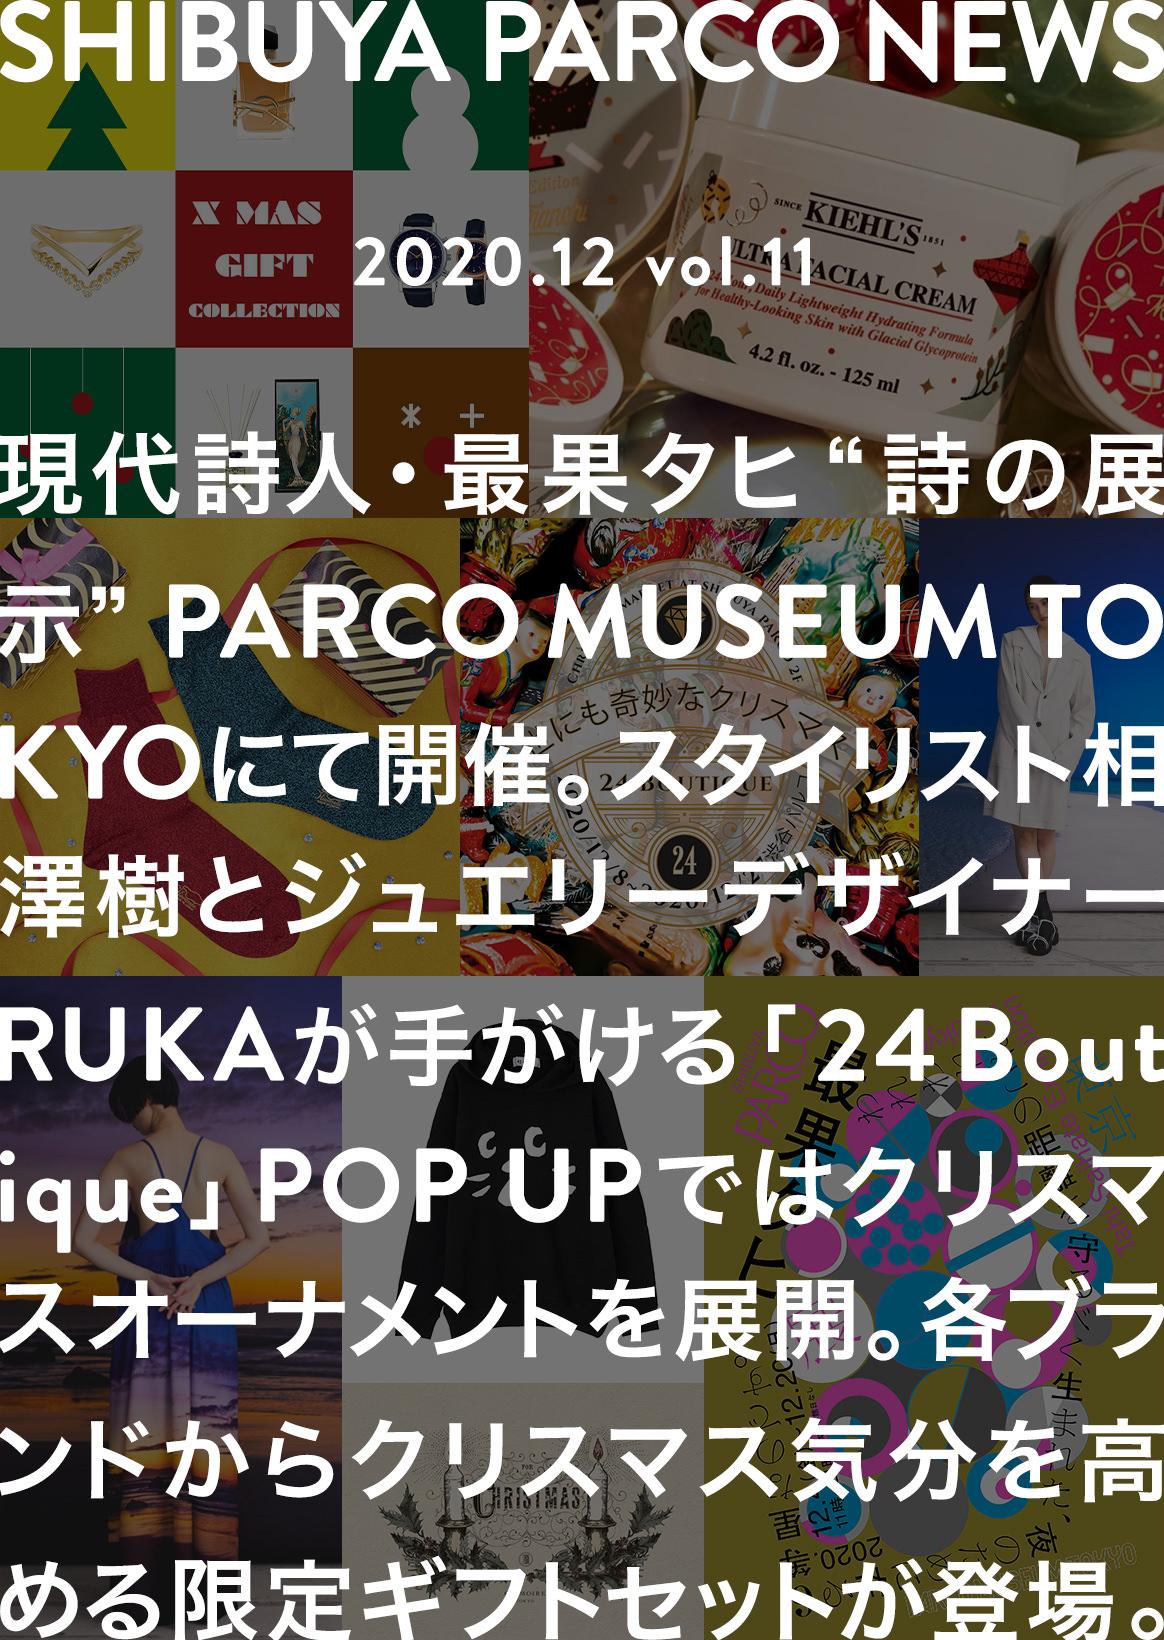 SHIBUYA PARCO NEWS-2020.12-vol.11